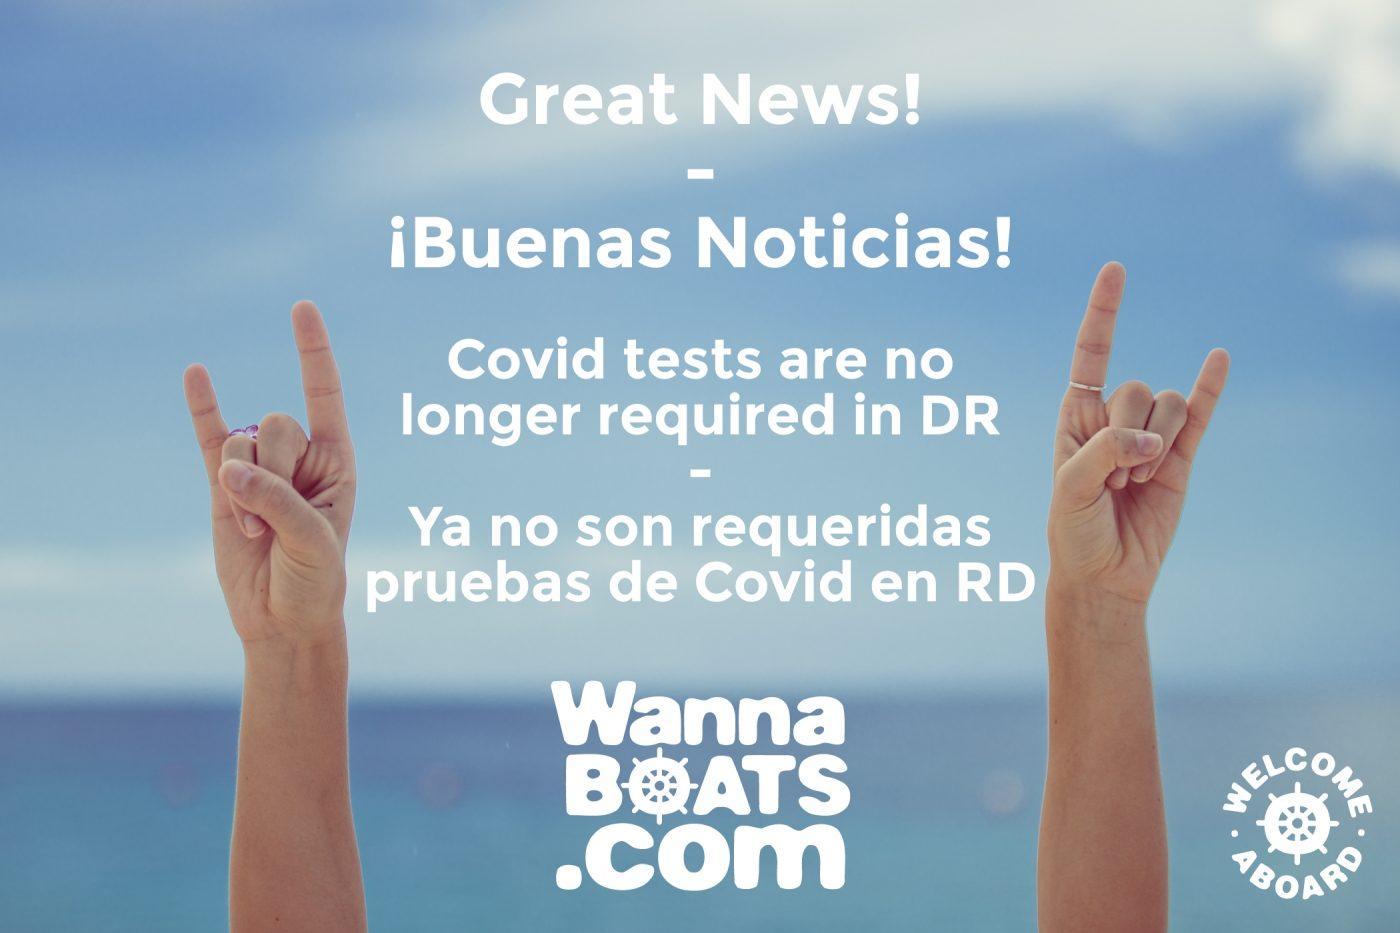 no-required-covid-tests-in-dominican-republic-no-requeridas-pruebas-covid-en-republica-domincana-wannaboats